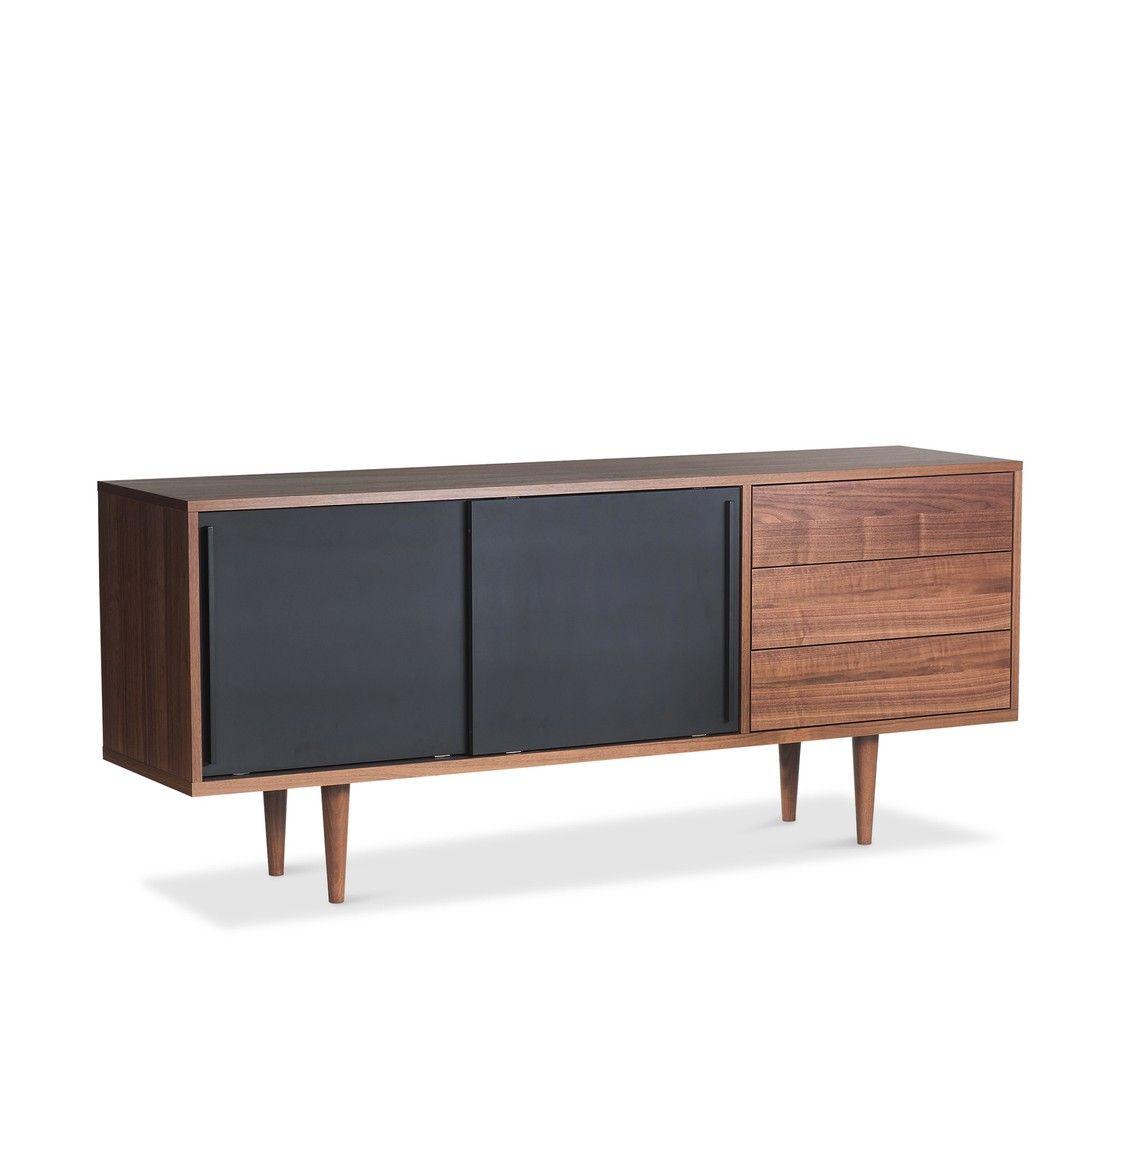 Sideboard Anina Nussbaum Nussbaum Furniert 14952001 0 60er Mobel Mobeldesign Haus Deko